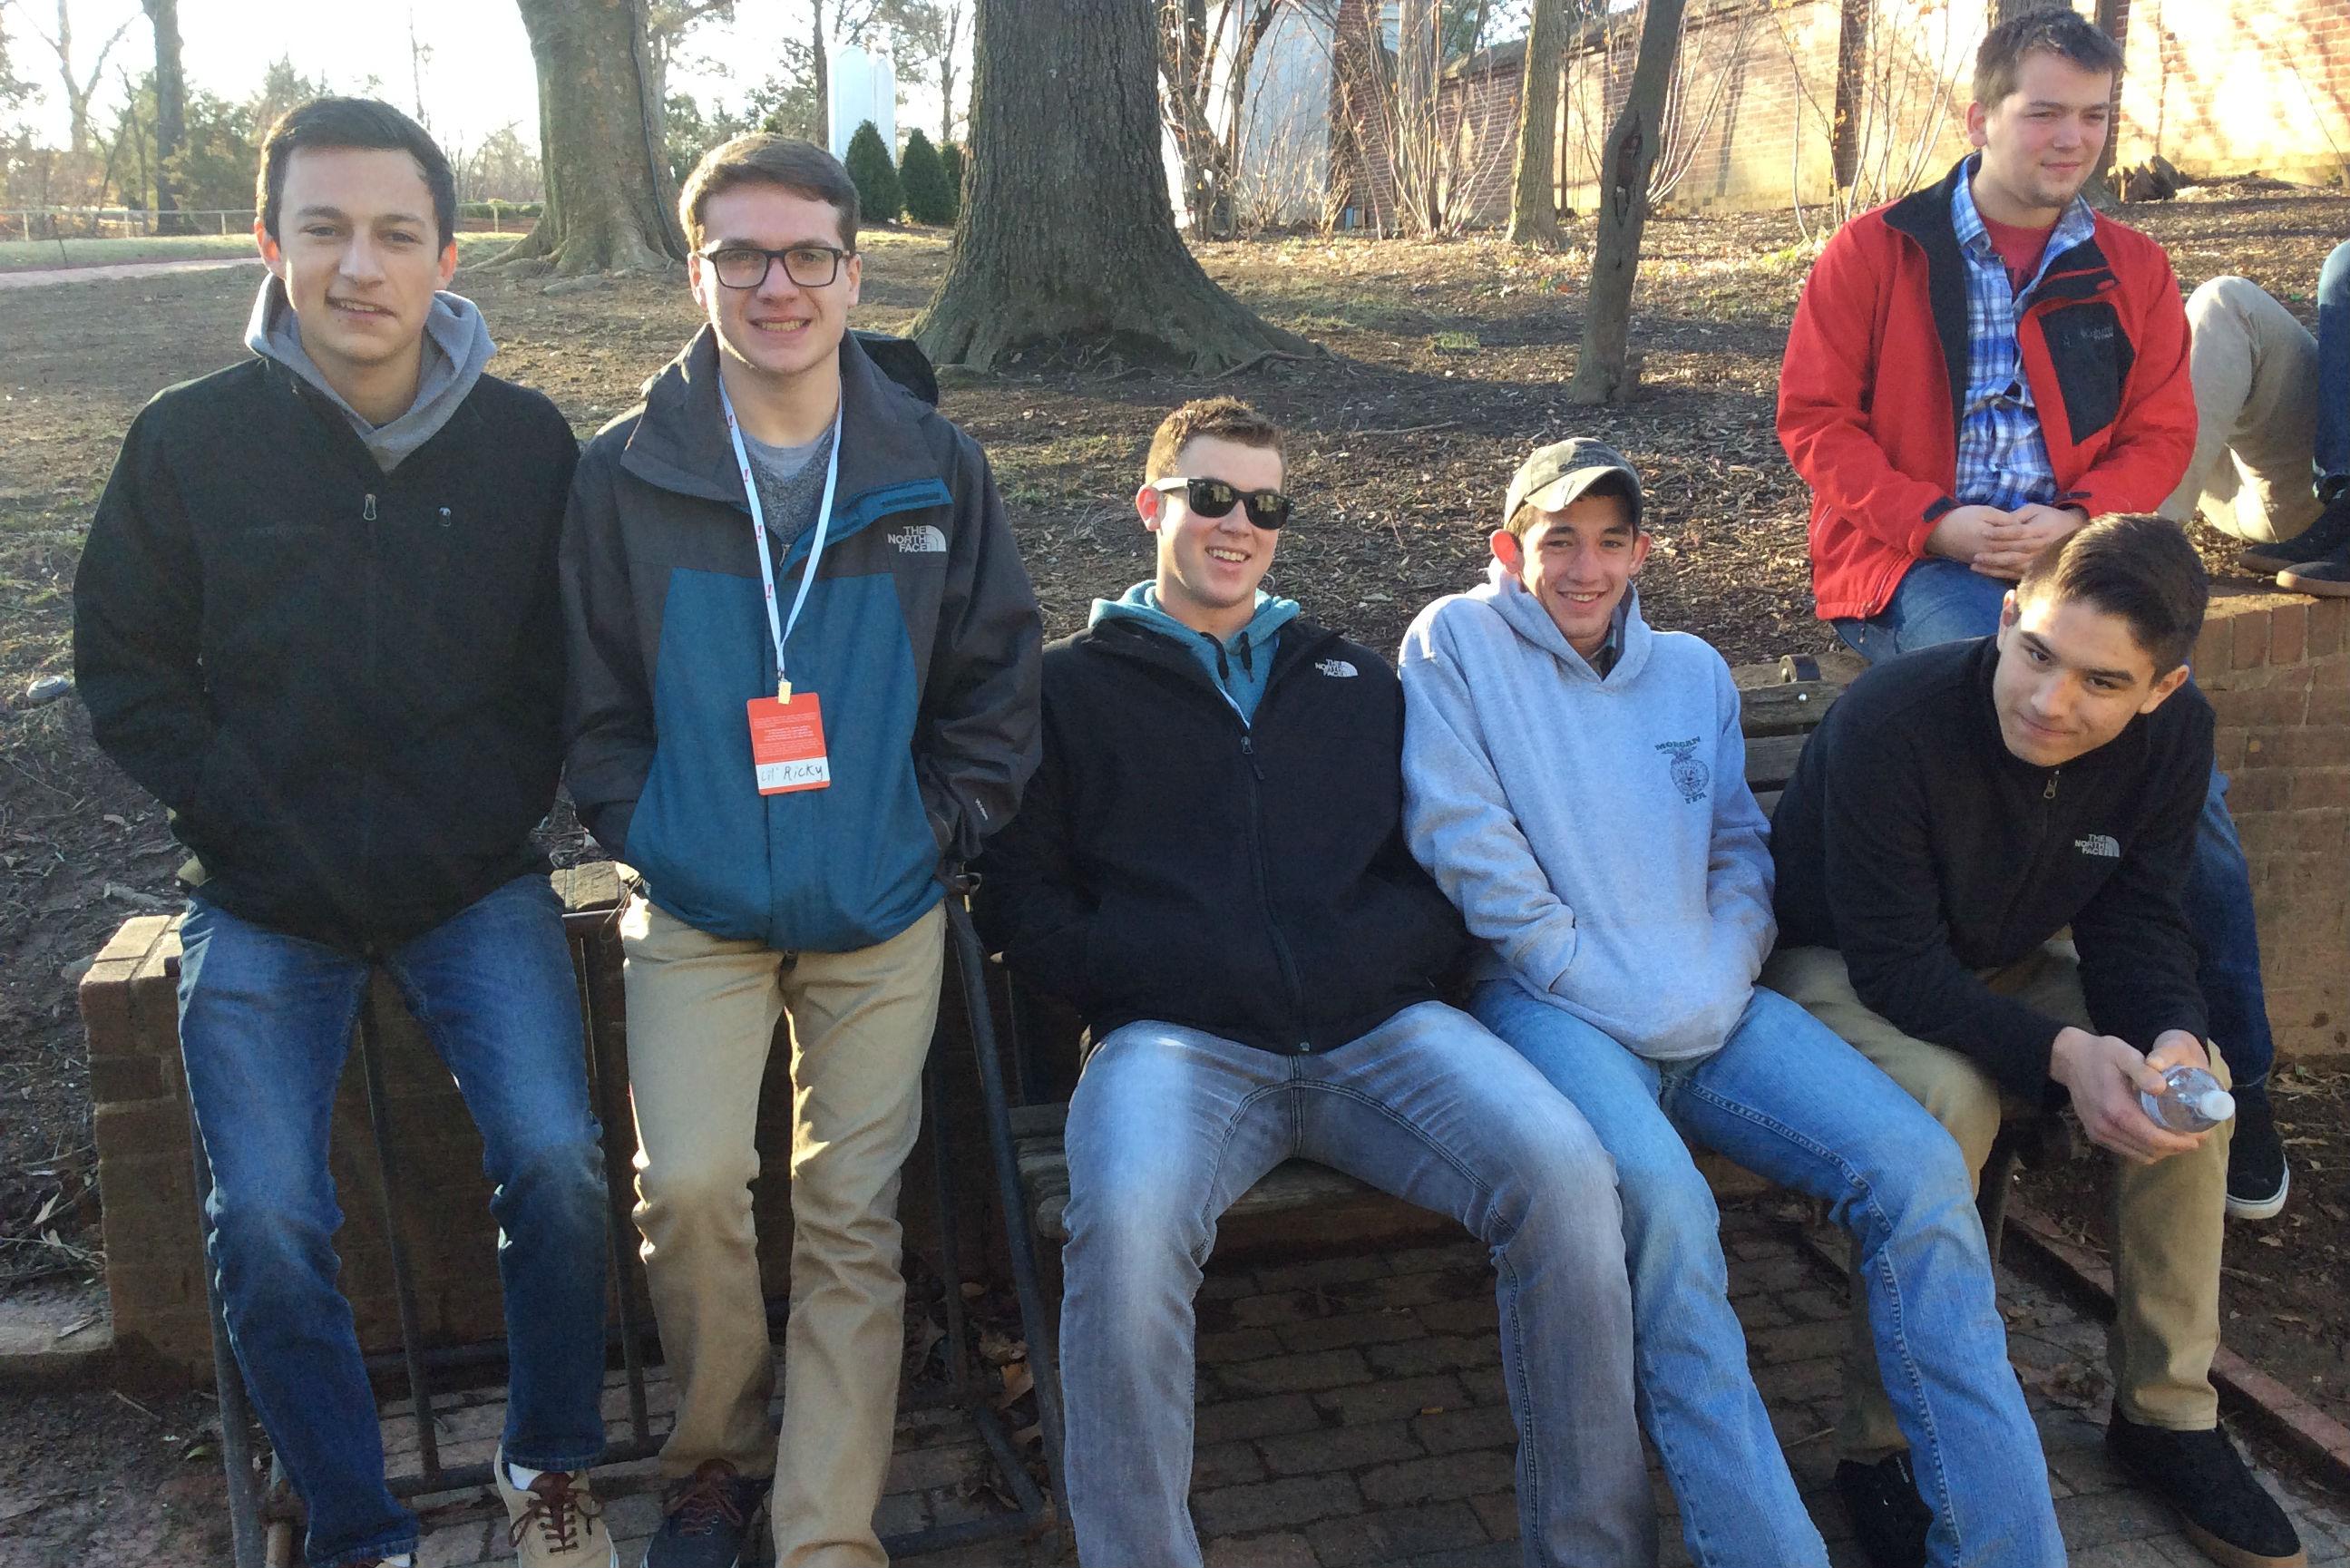 #1StudentNWI: Morgan Township's Senior's Journey to Washington DC